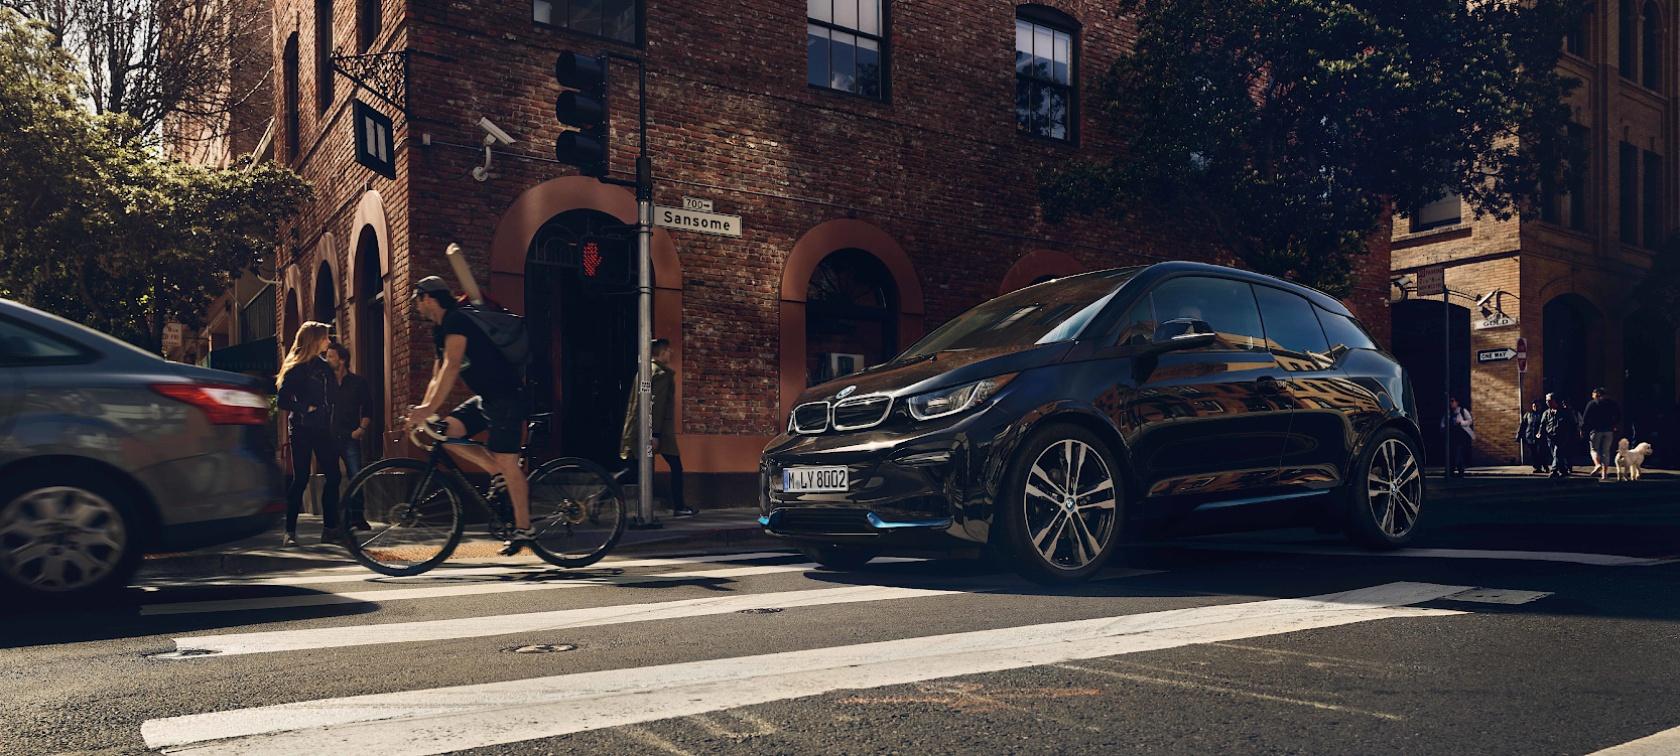 151€ Netto-Leasingrate für den BMW i3 - SEPTEMBERDEAL / BMW Niederlassung Stuttgart (Gewerbekunden mit Sitz in Stuttgart/ BW)